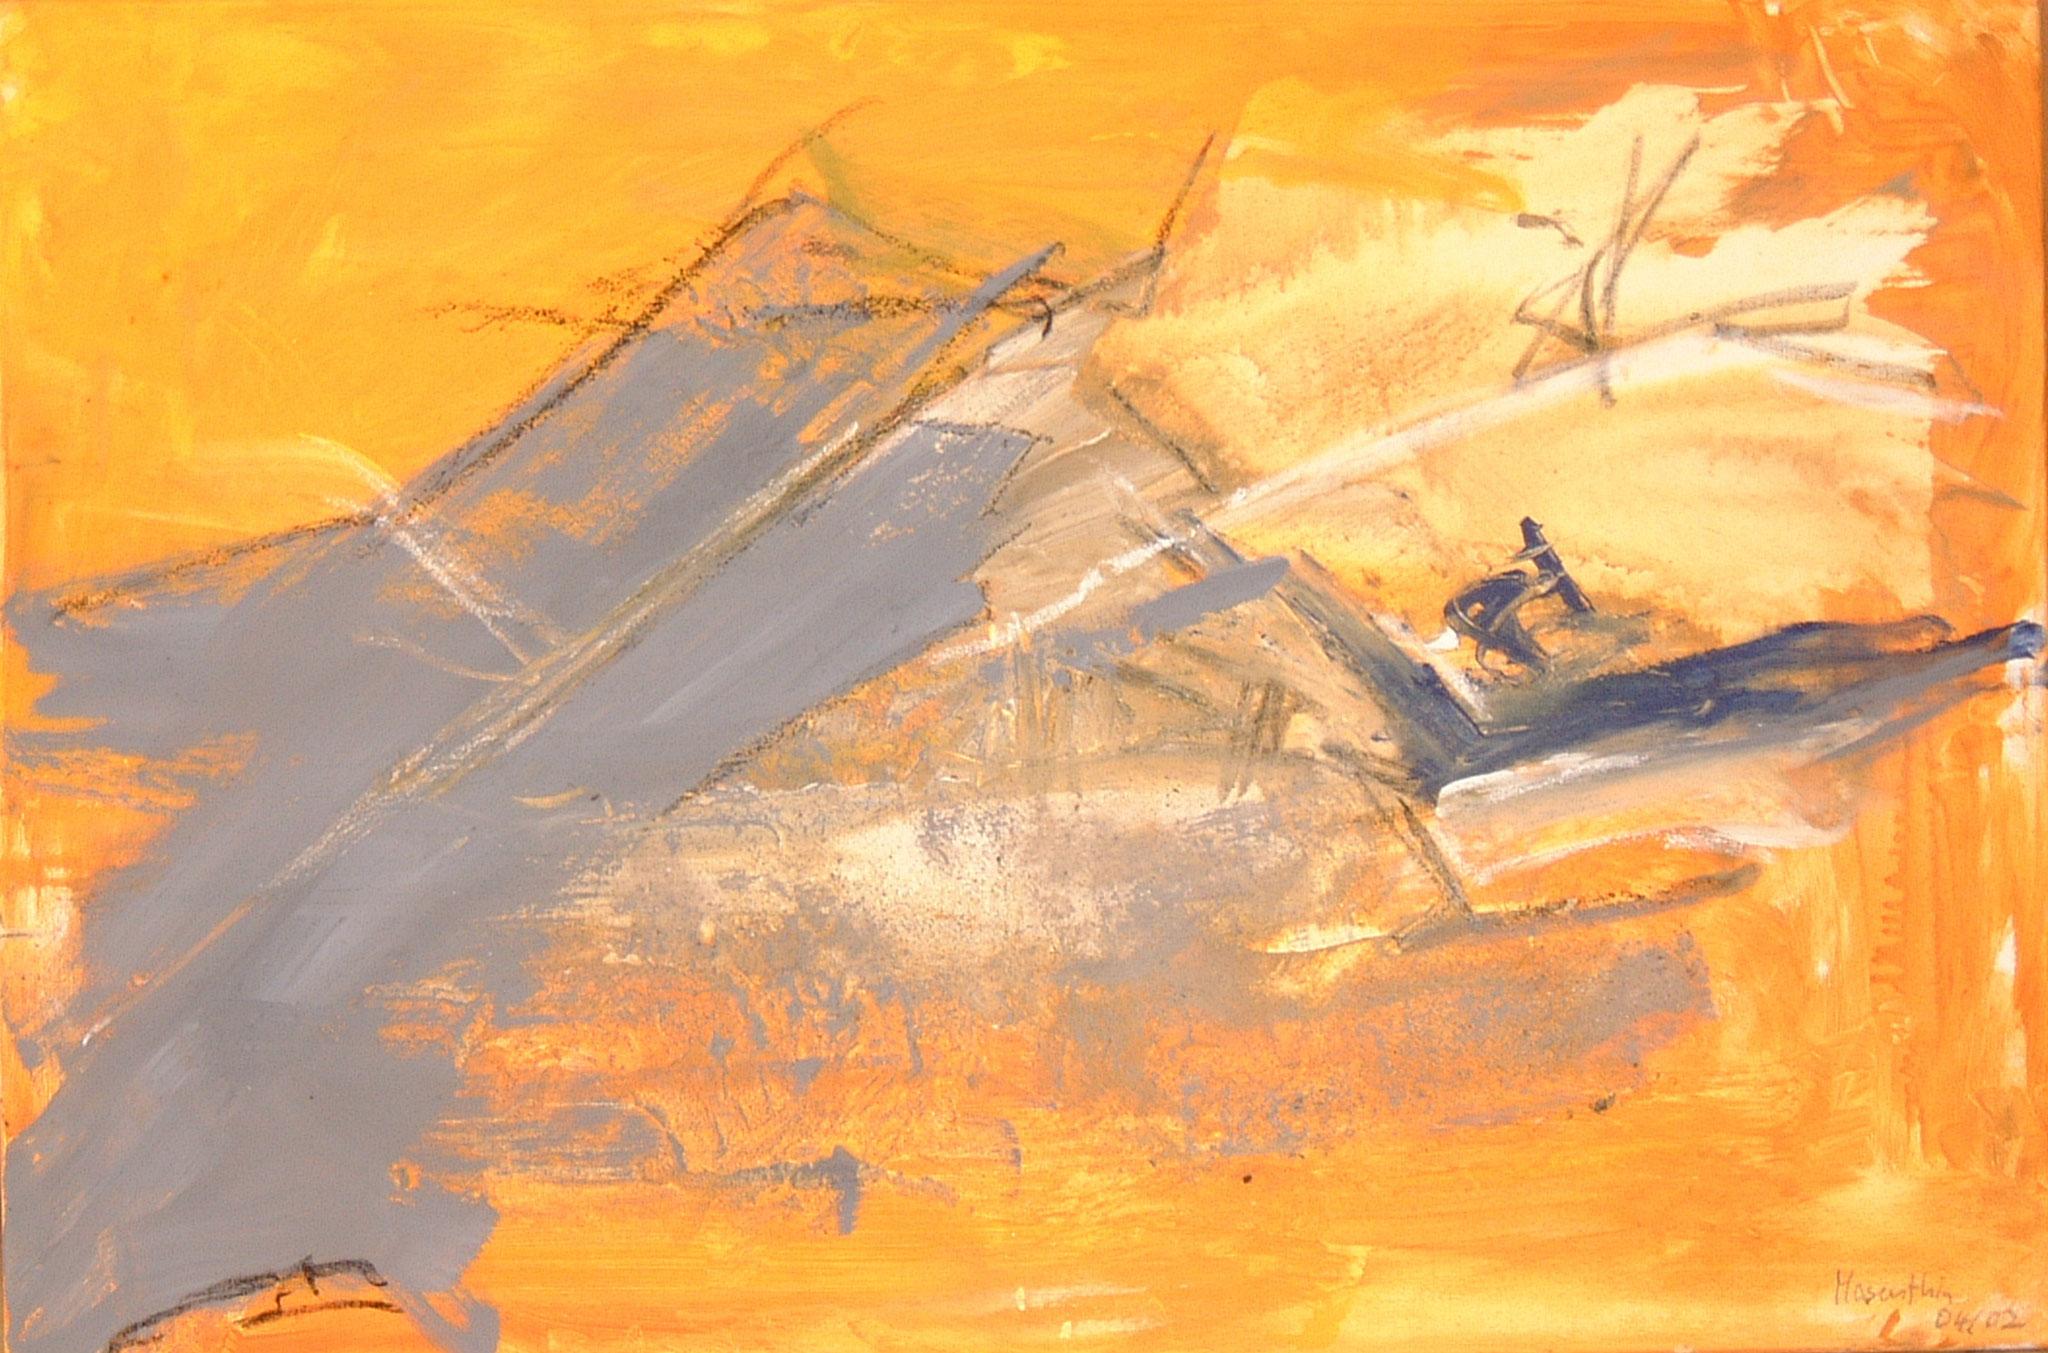 Fire & Ice, 2002, 90x60cm, Leinwand